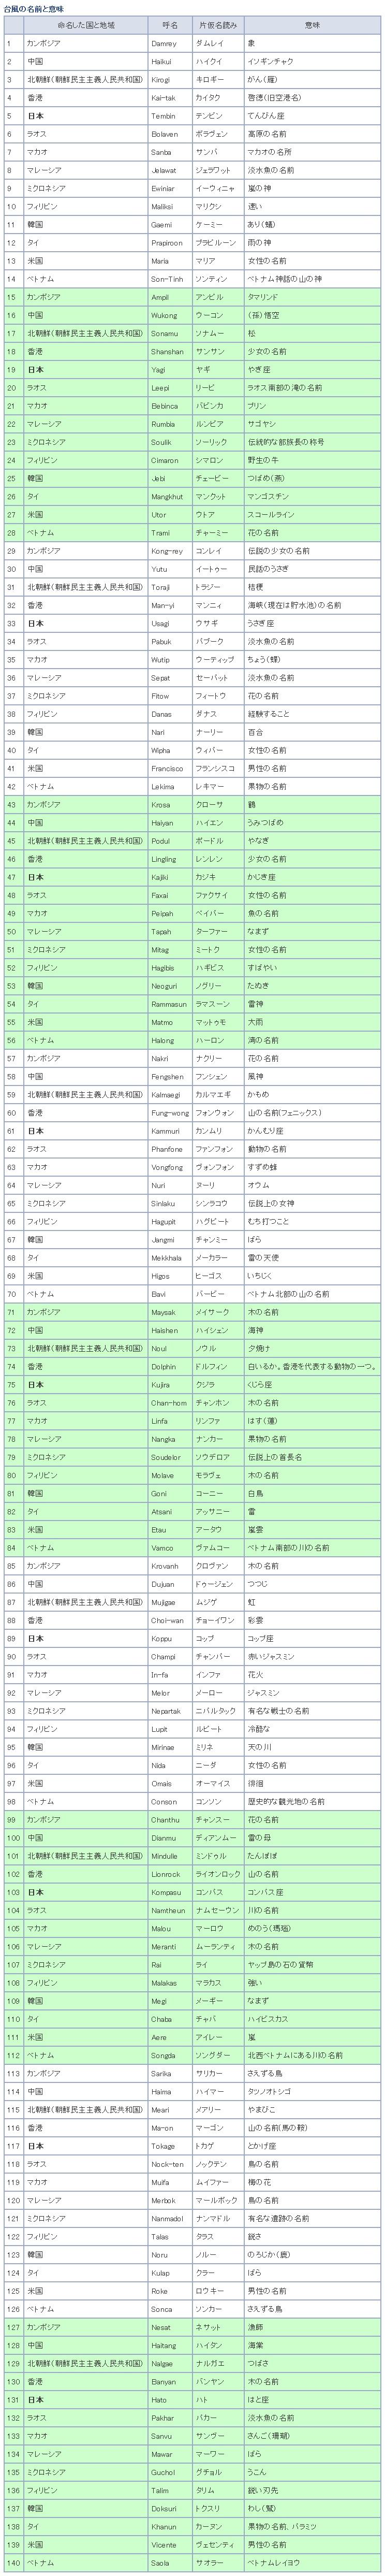 「台風 名前 順番」の画像検索結果